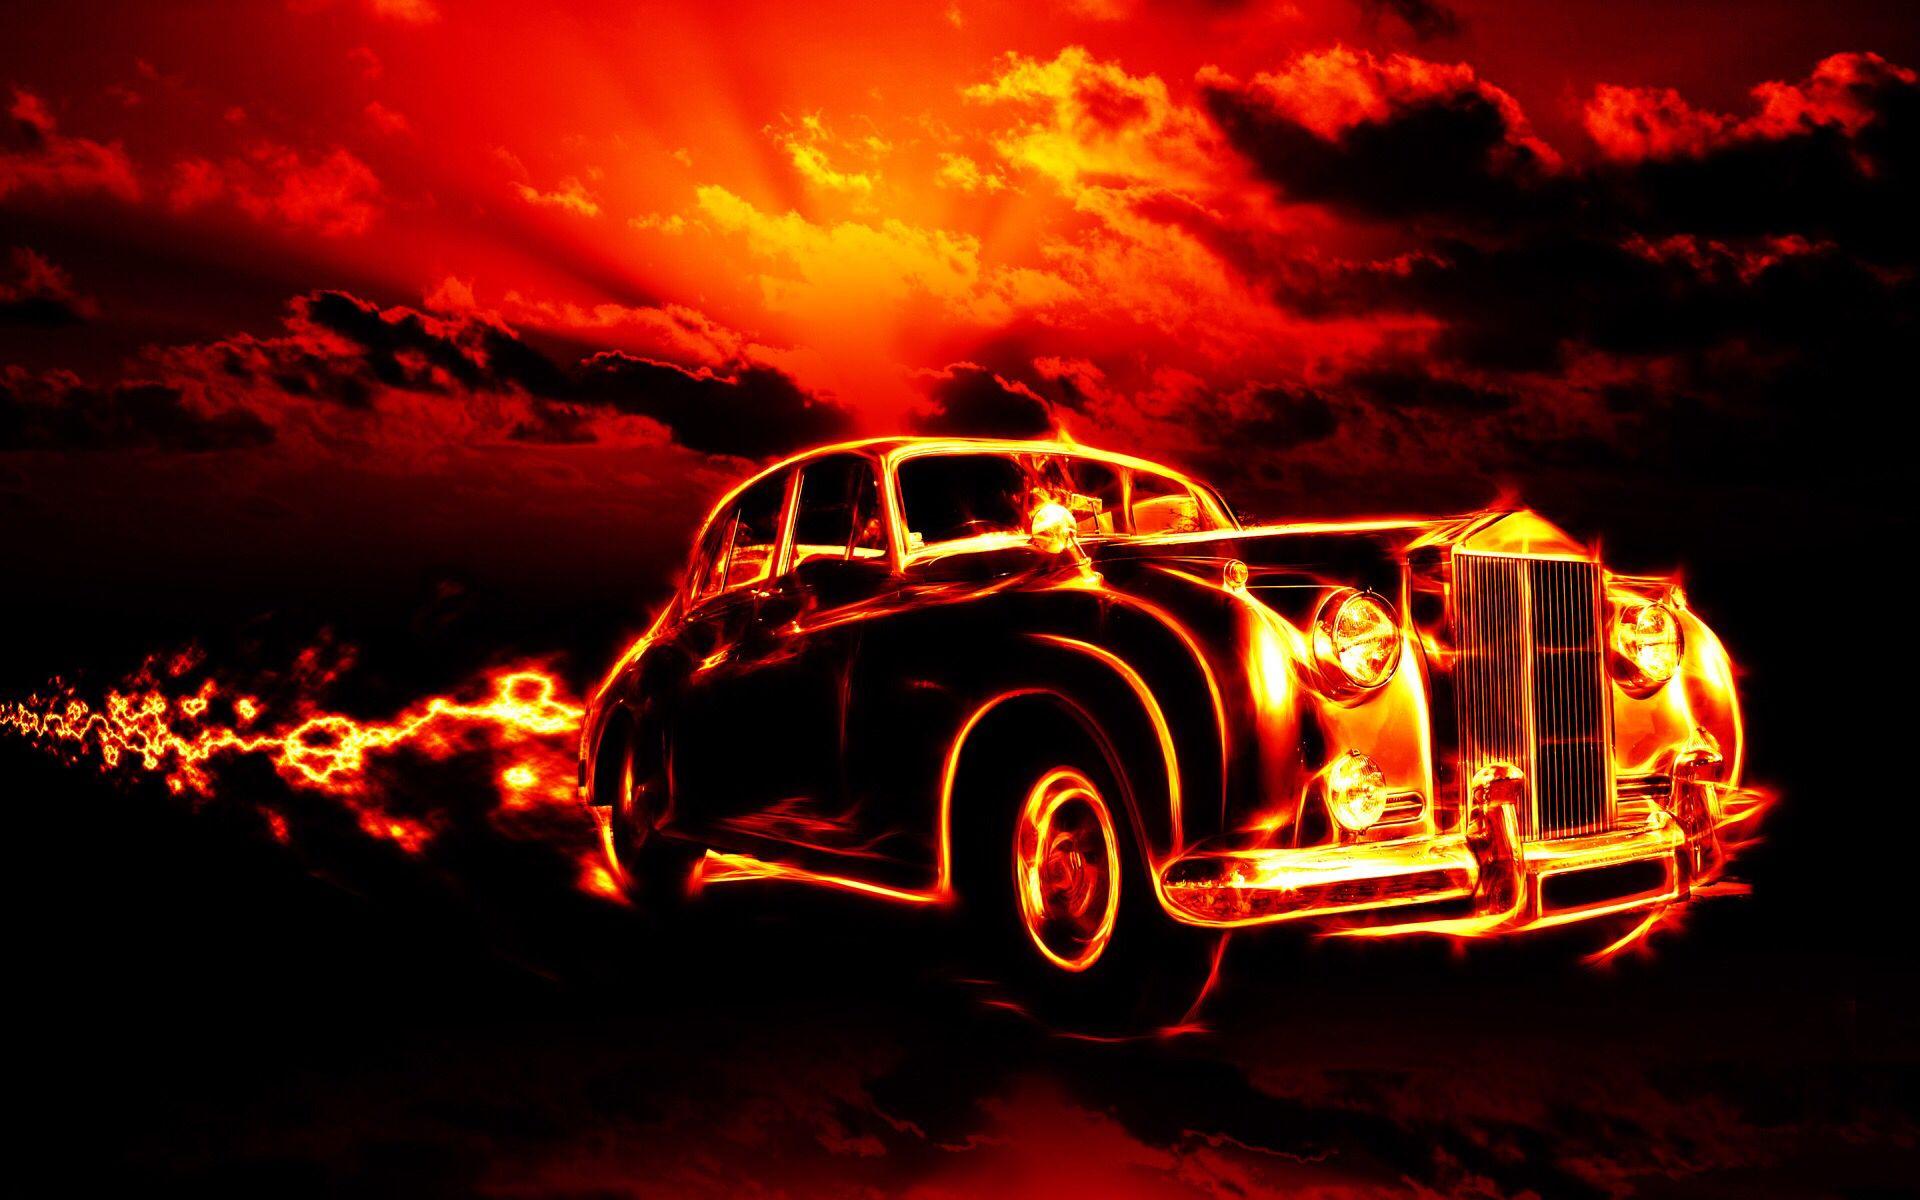 Rolls Royce Fire Art Desktop Wallpaper New Car Wallpaper Computer Wallpaper